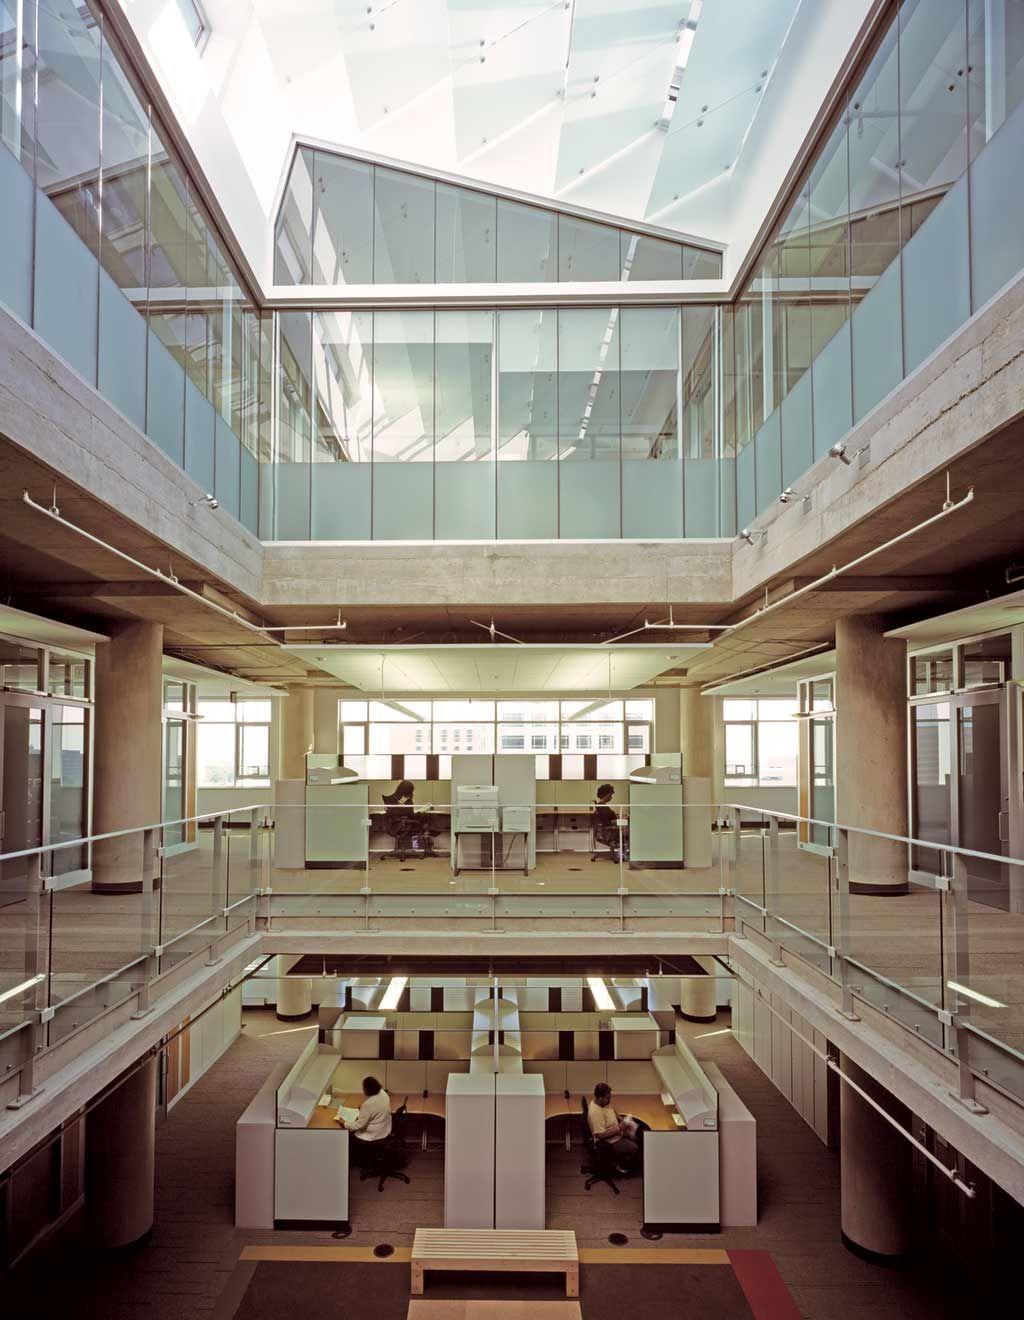 atrium Top nursing schools, Atrium design, Vocational school